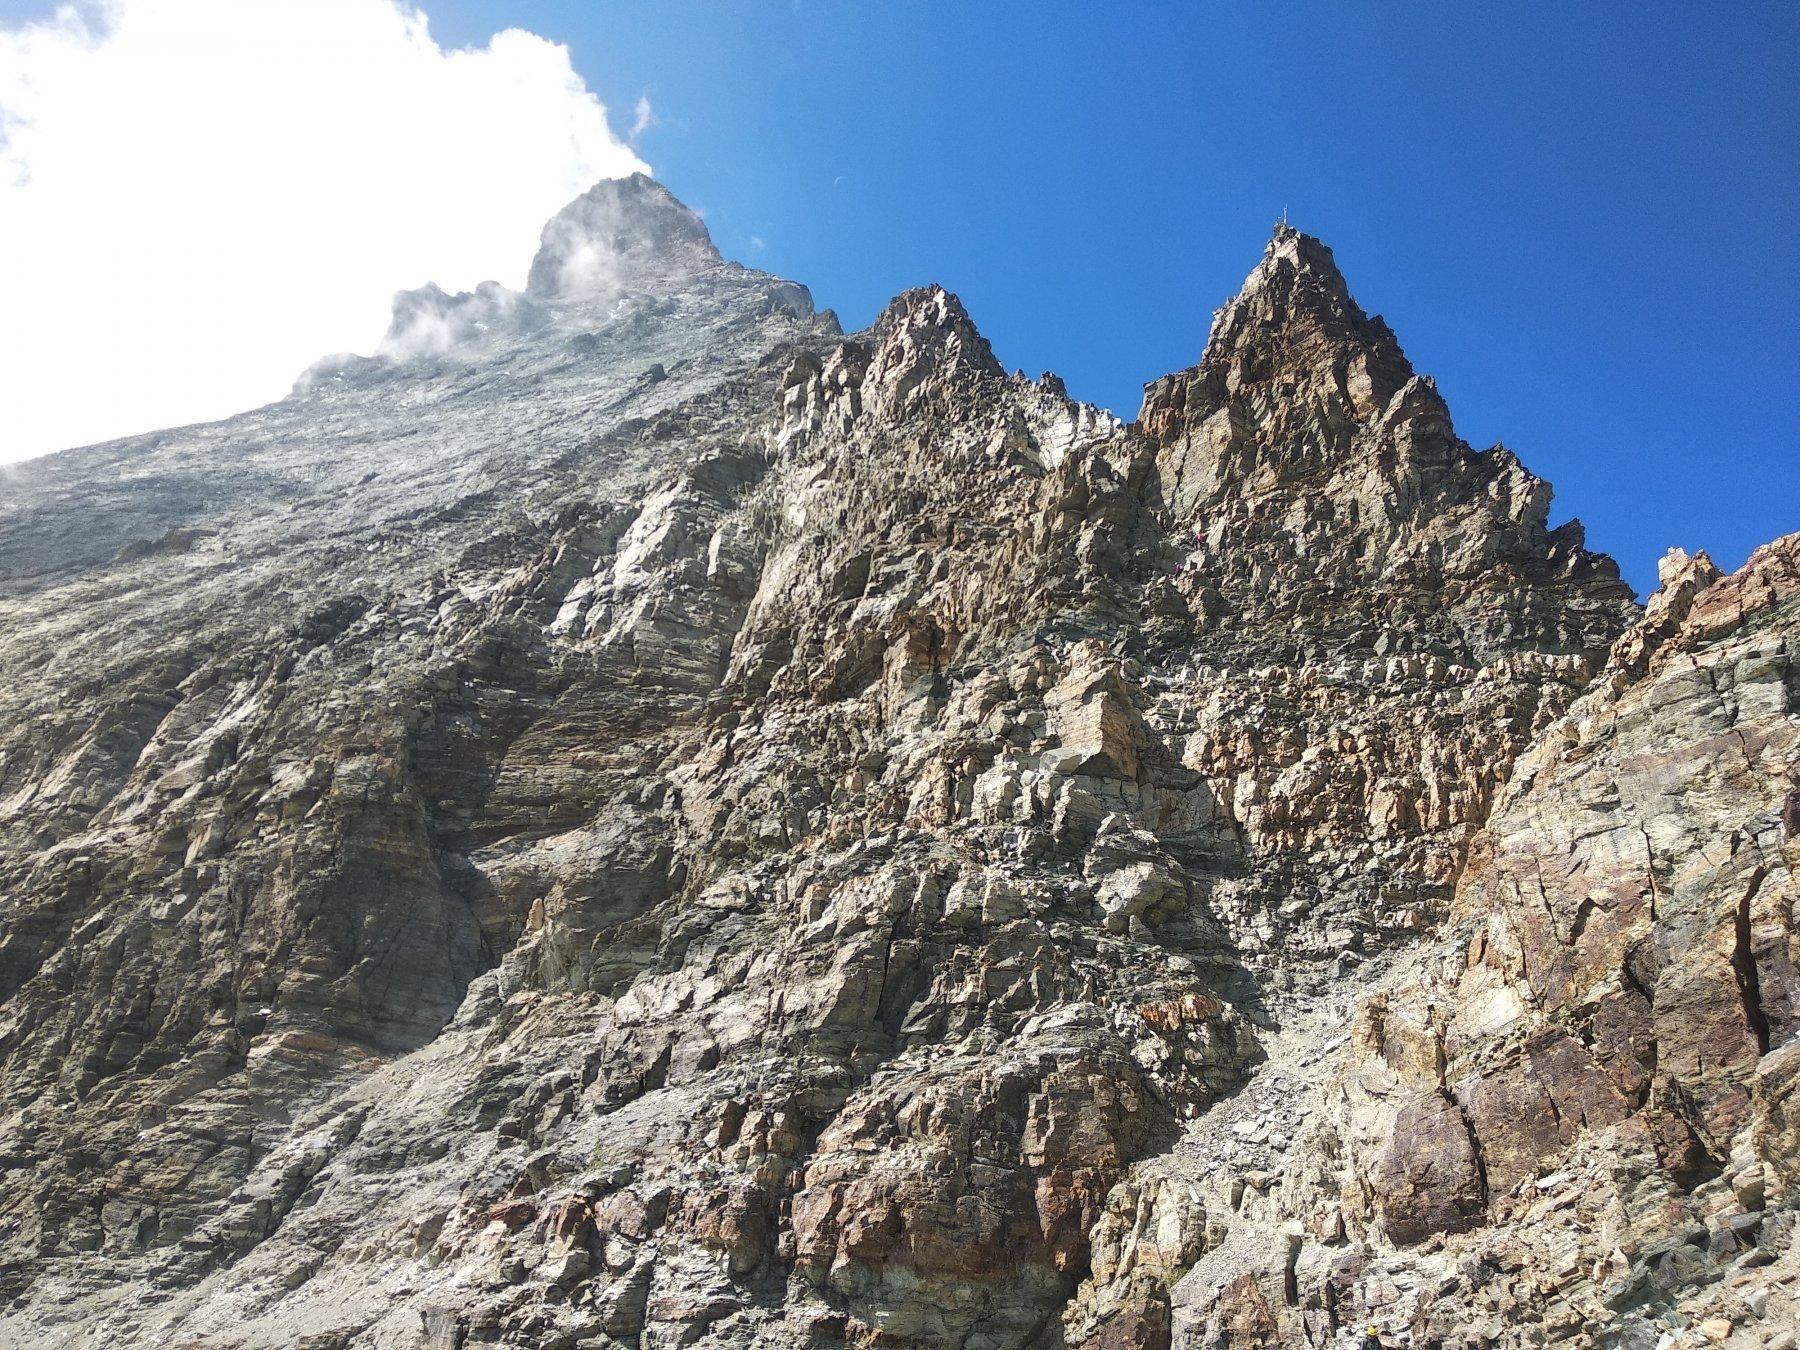 cresta hornli, mare di roccia incollata